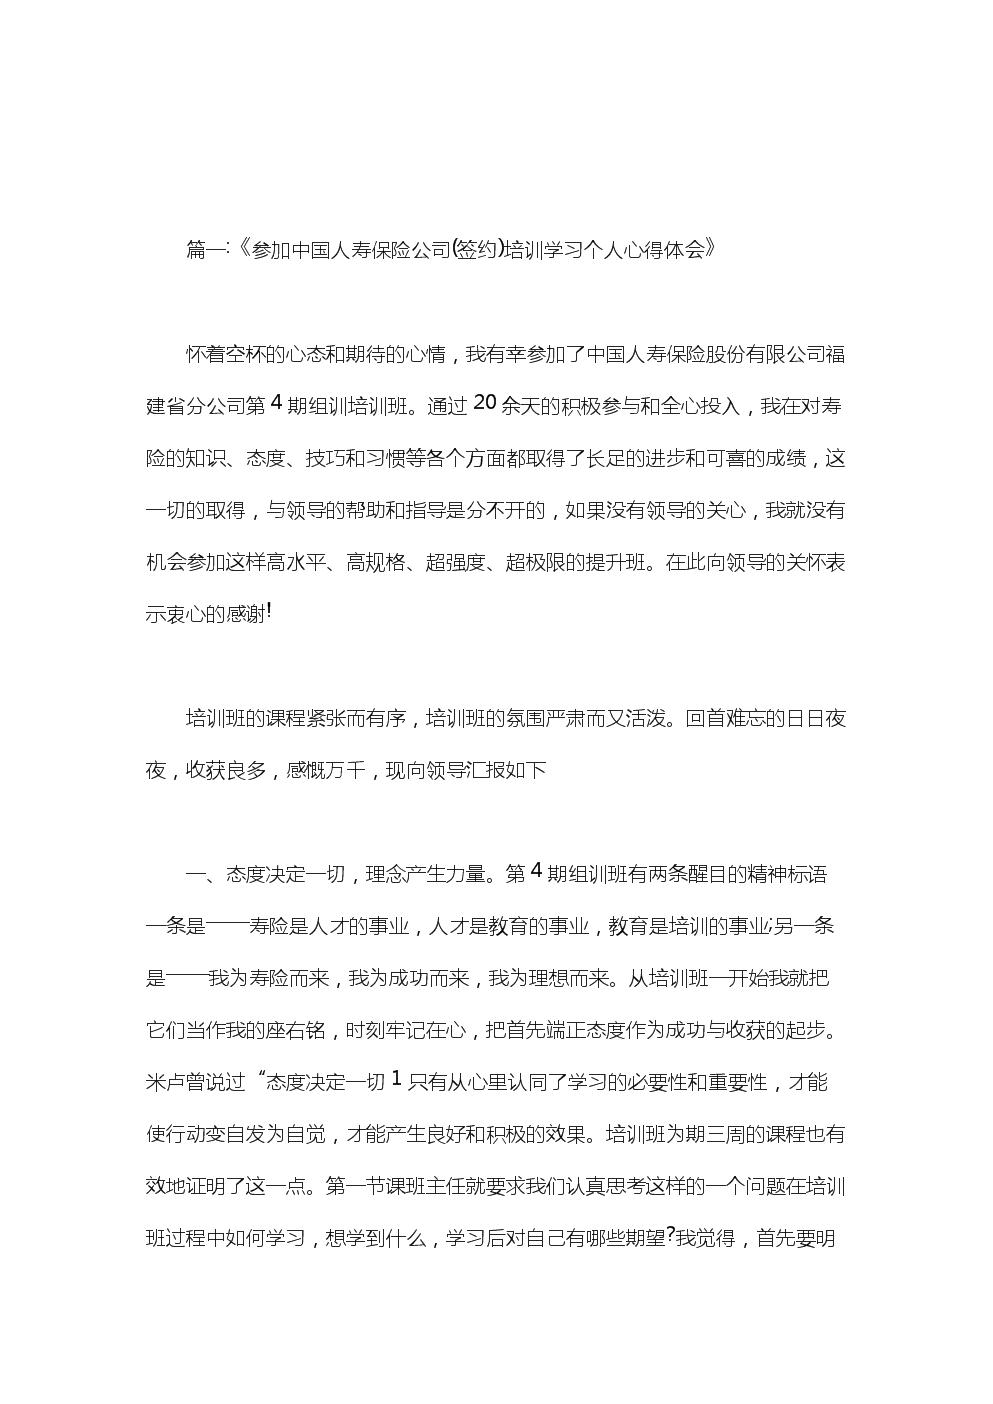 中國人壽保險公司新人培訓心得體會.doc